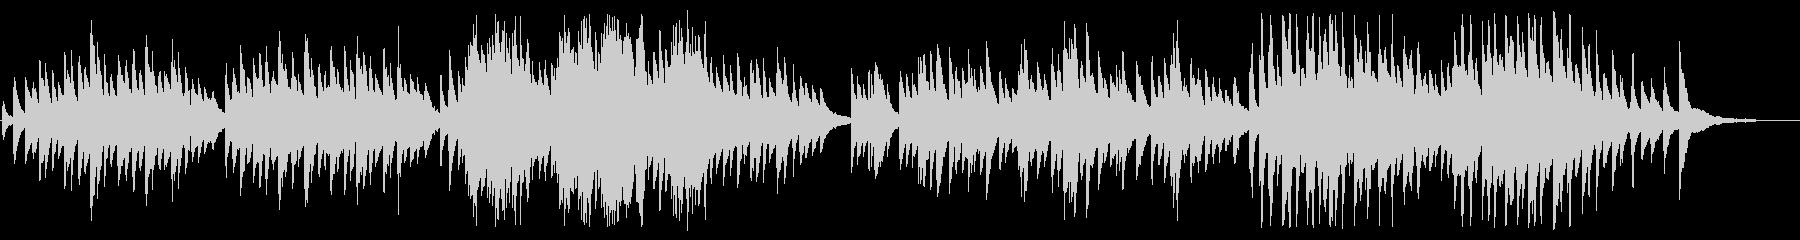 雪解けの切ないピアノBGMの未再生の波形